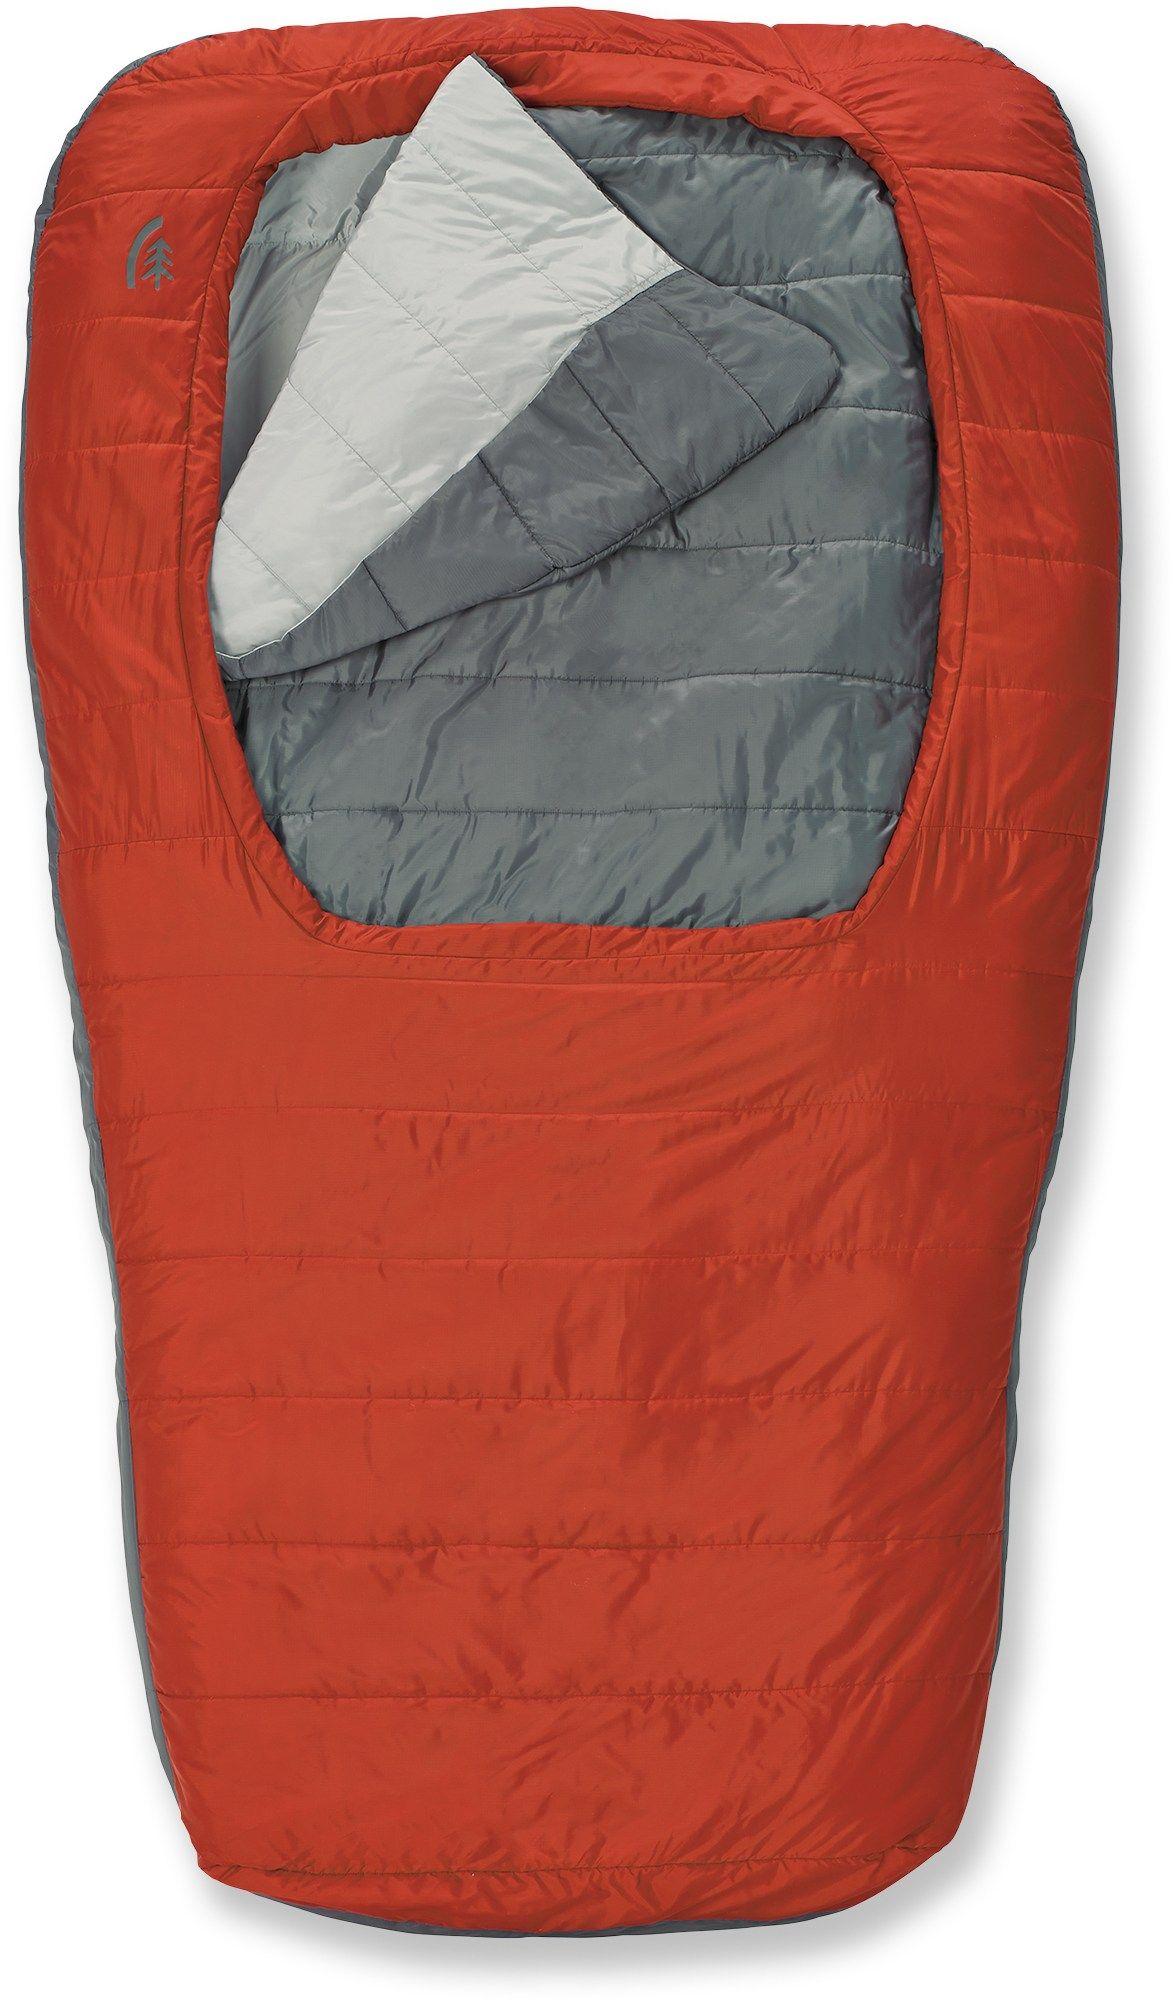 Sierra Designs Backcountry Bed Duo 1 5 Season Sleeping Bag